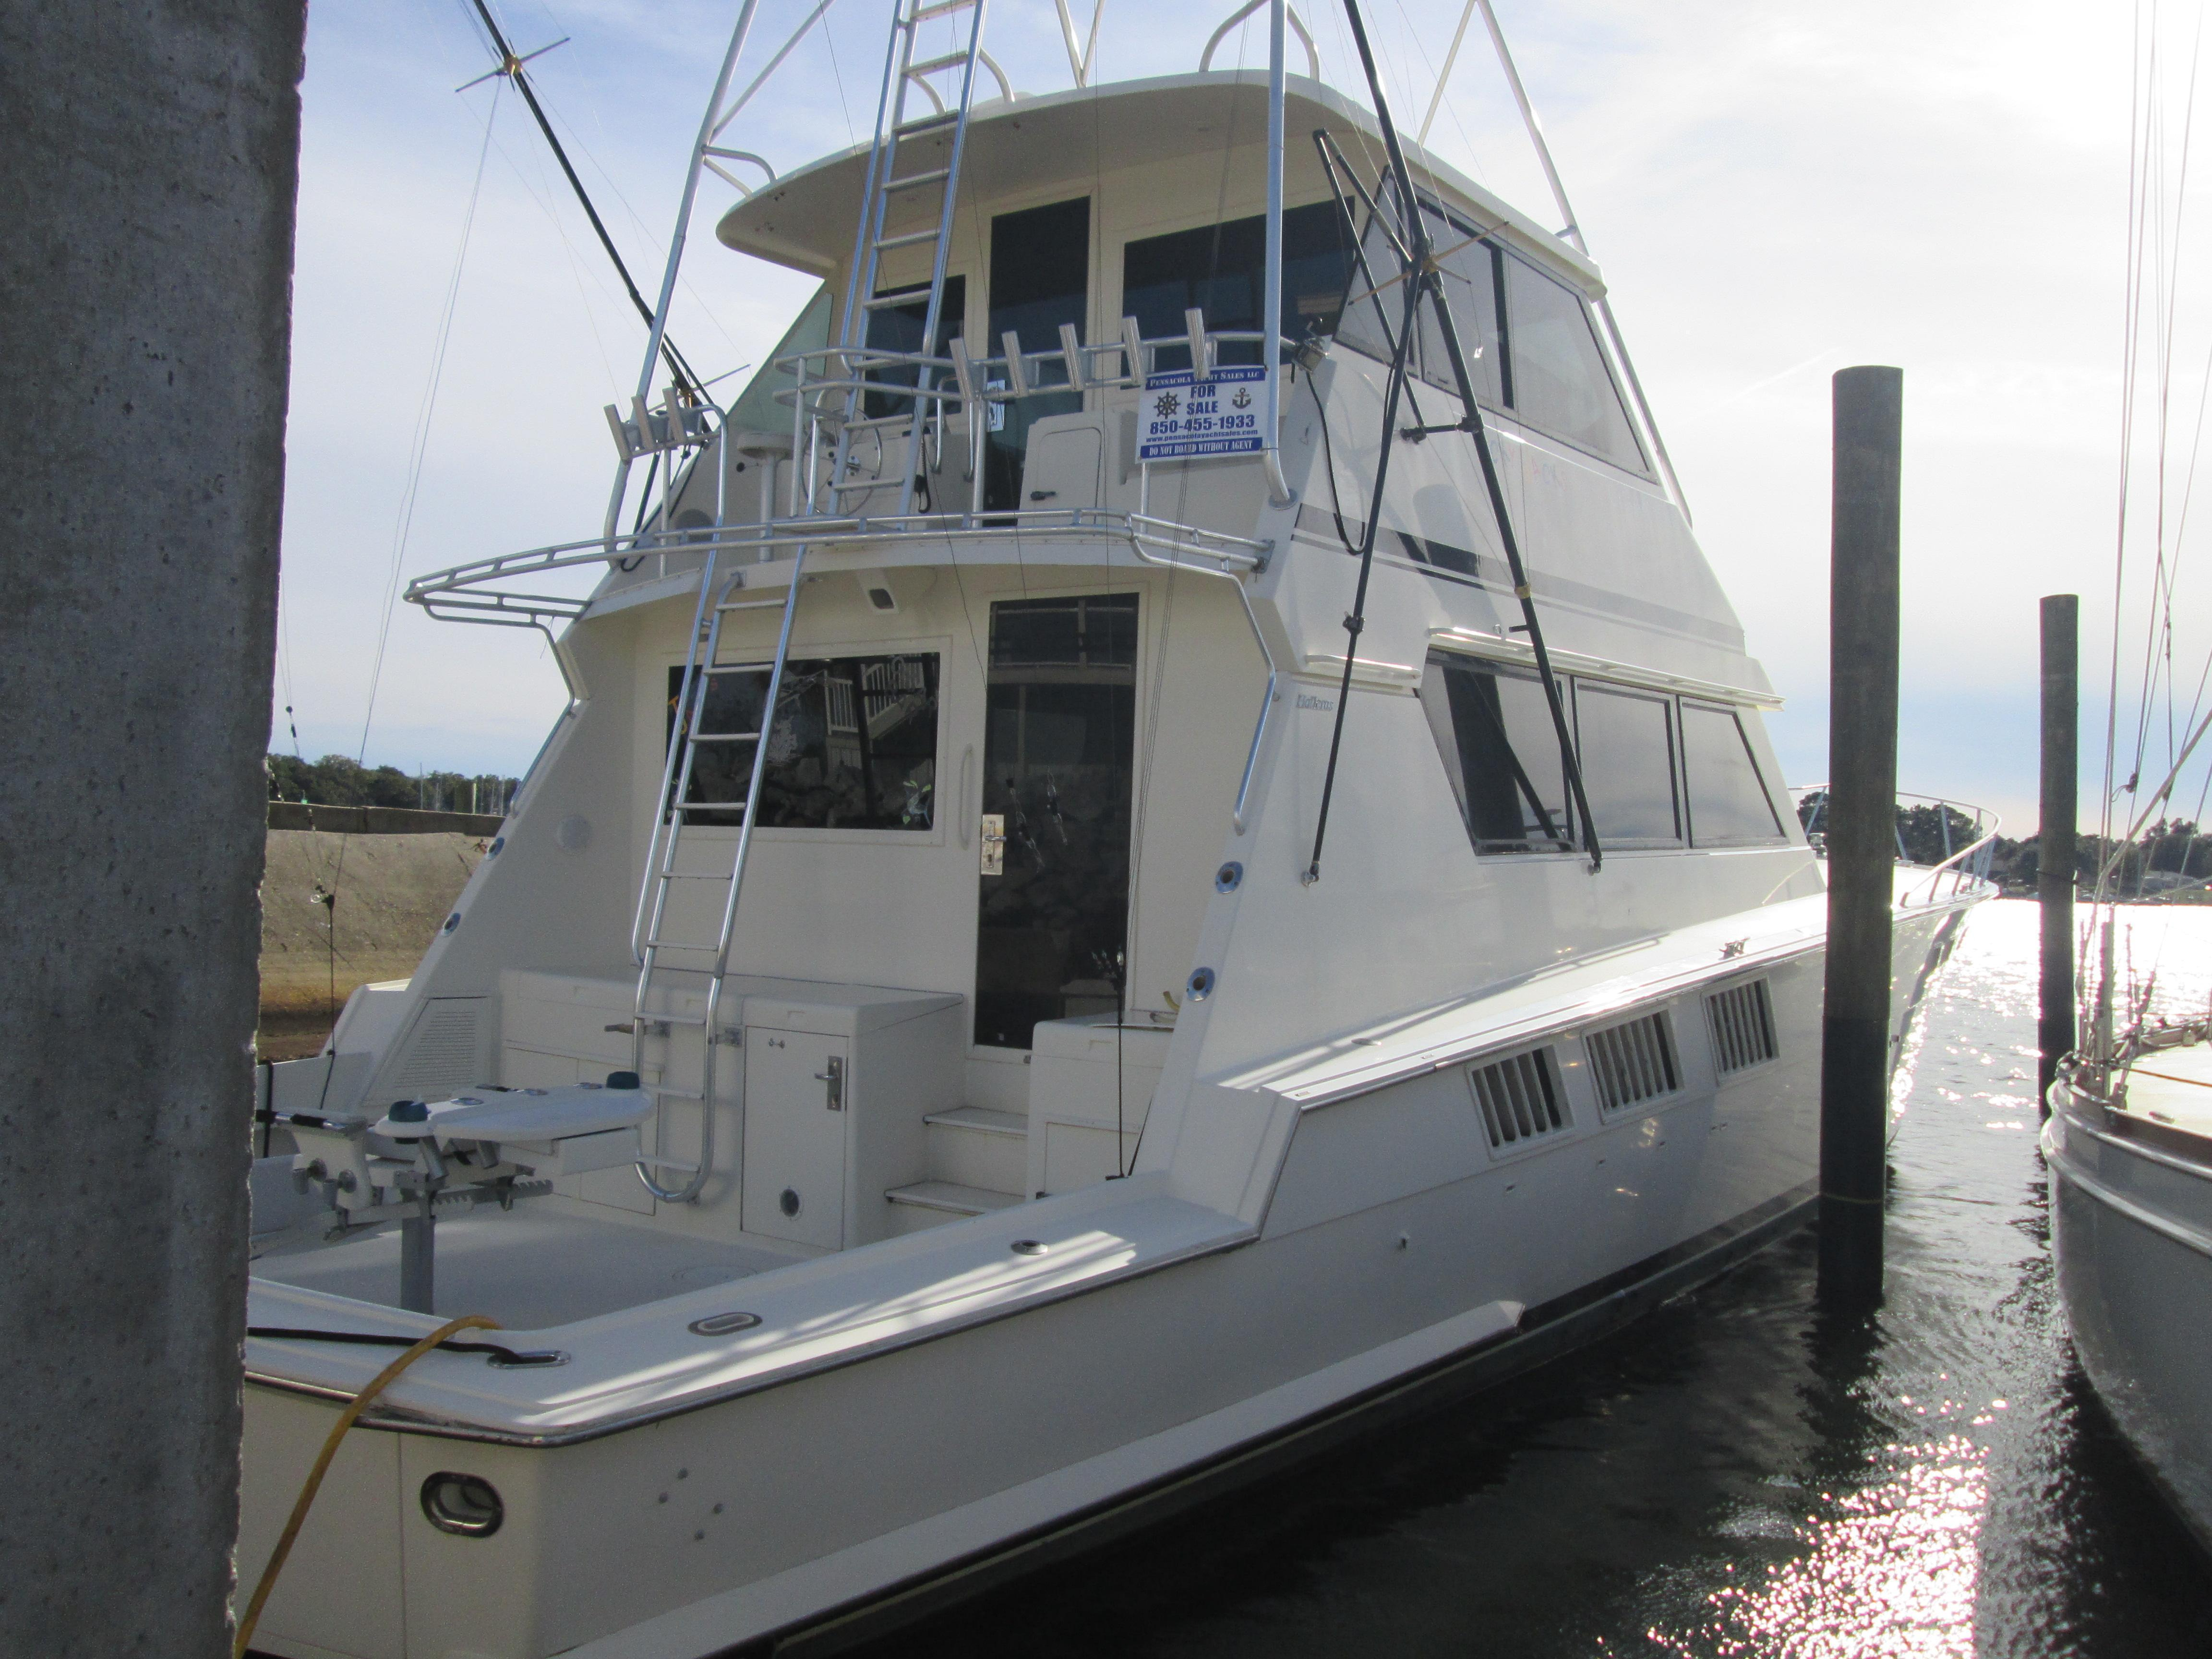 Hatteras 65 Convertible, Pensacola